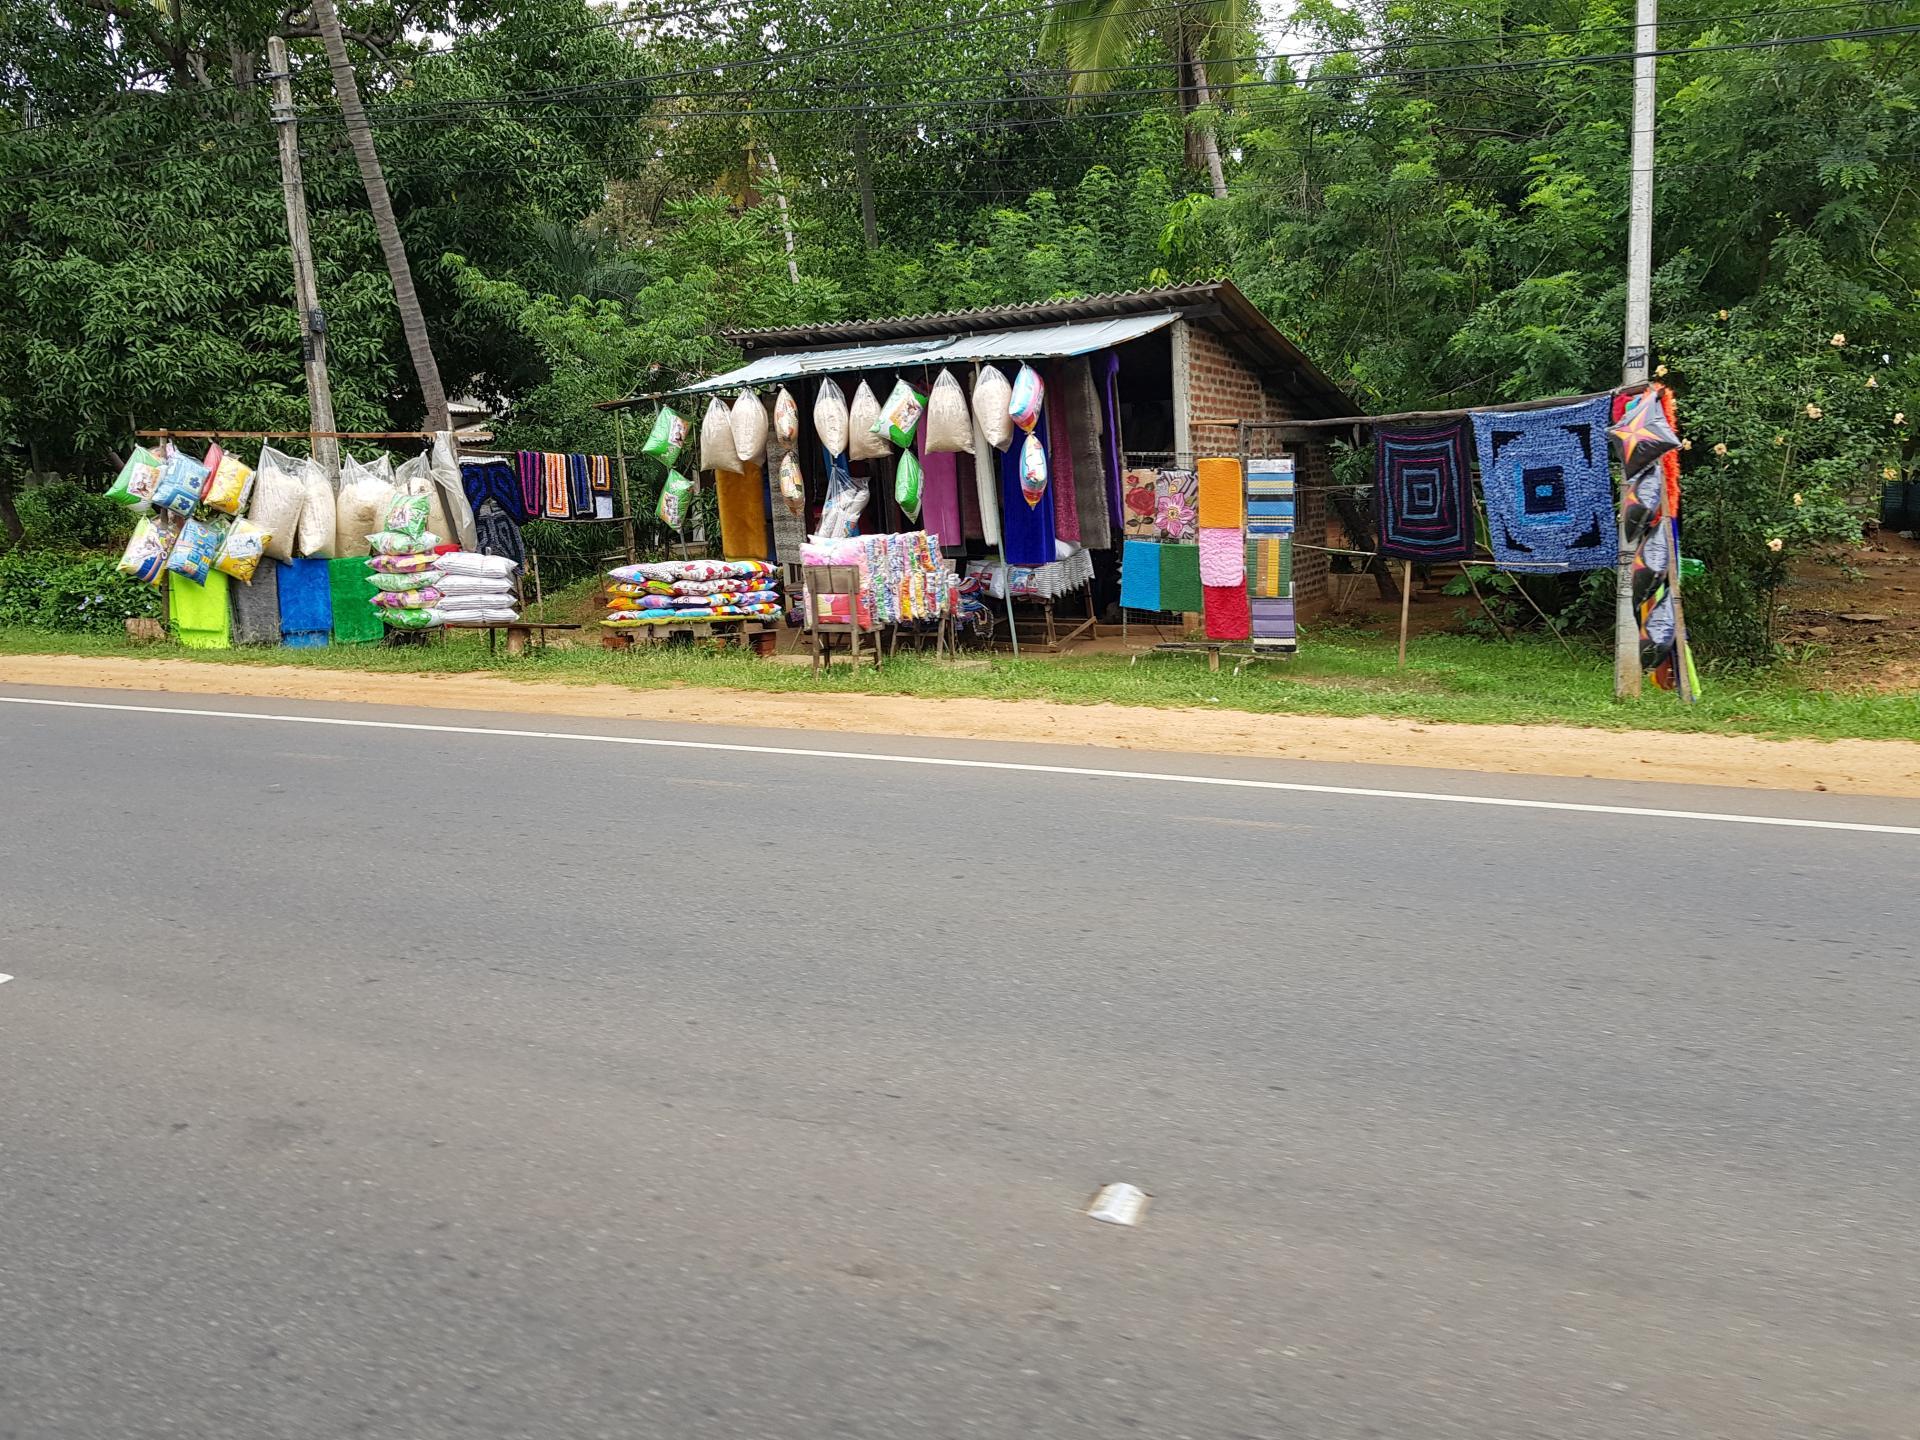 Придорожный магазин, Шри-Ланка